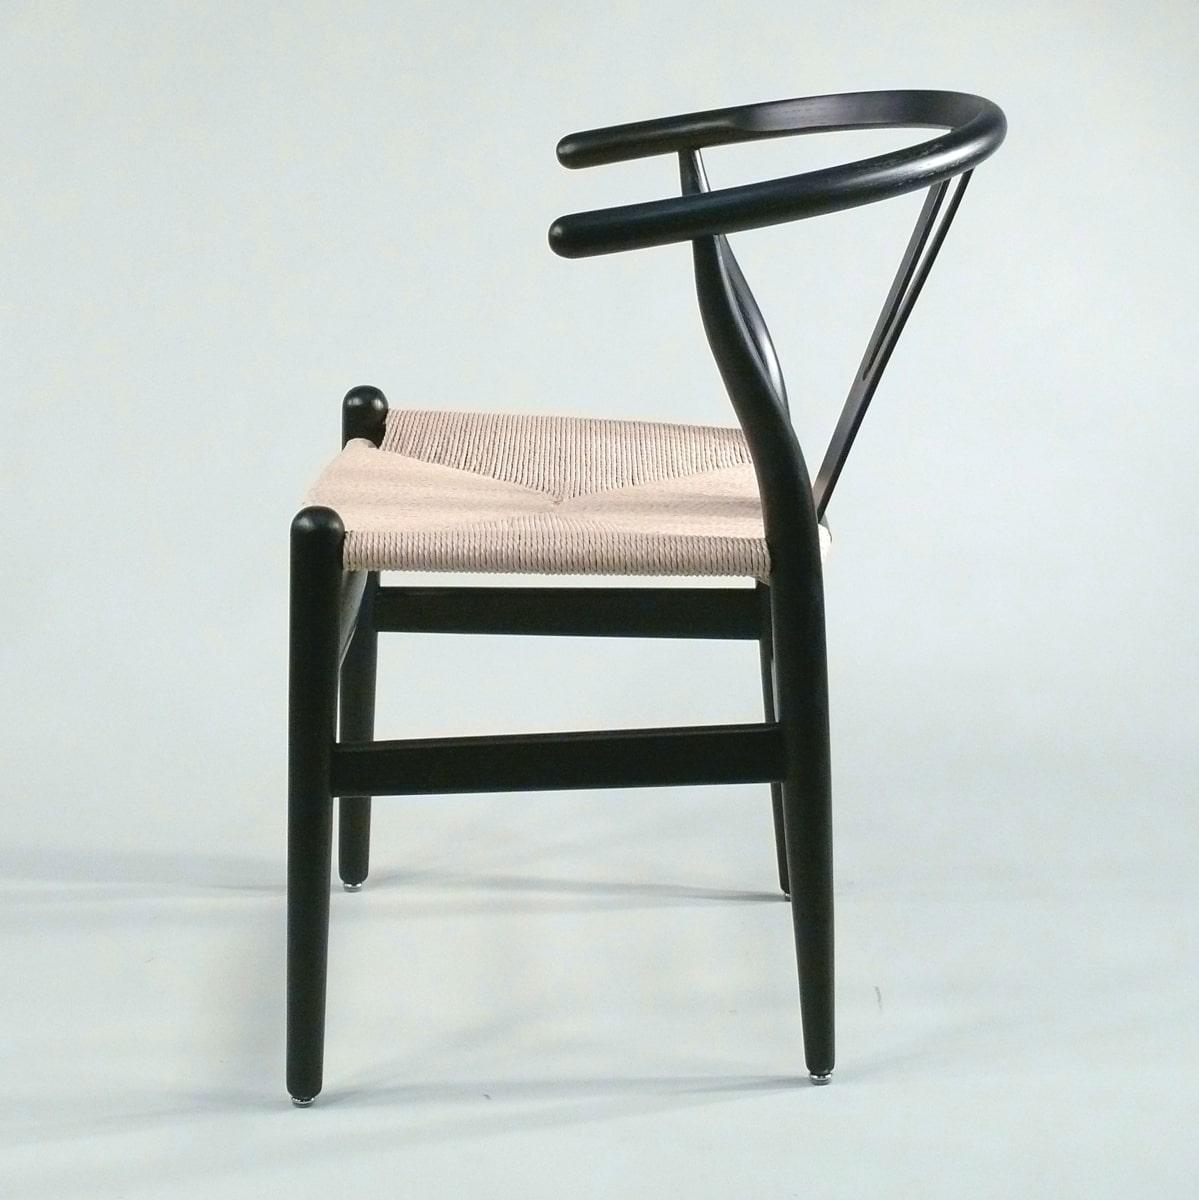 Armlehnstuhl Holz schwarz Sitz natur